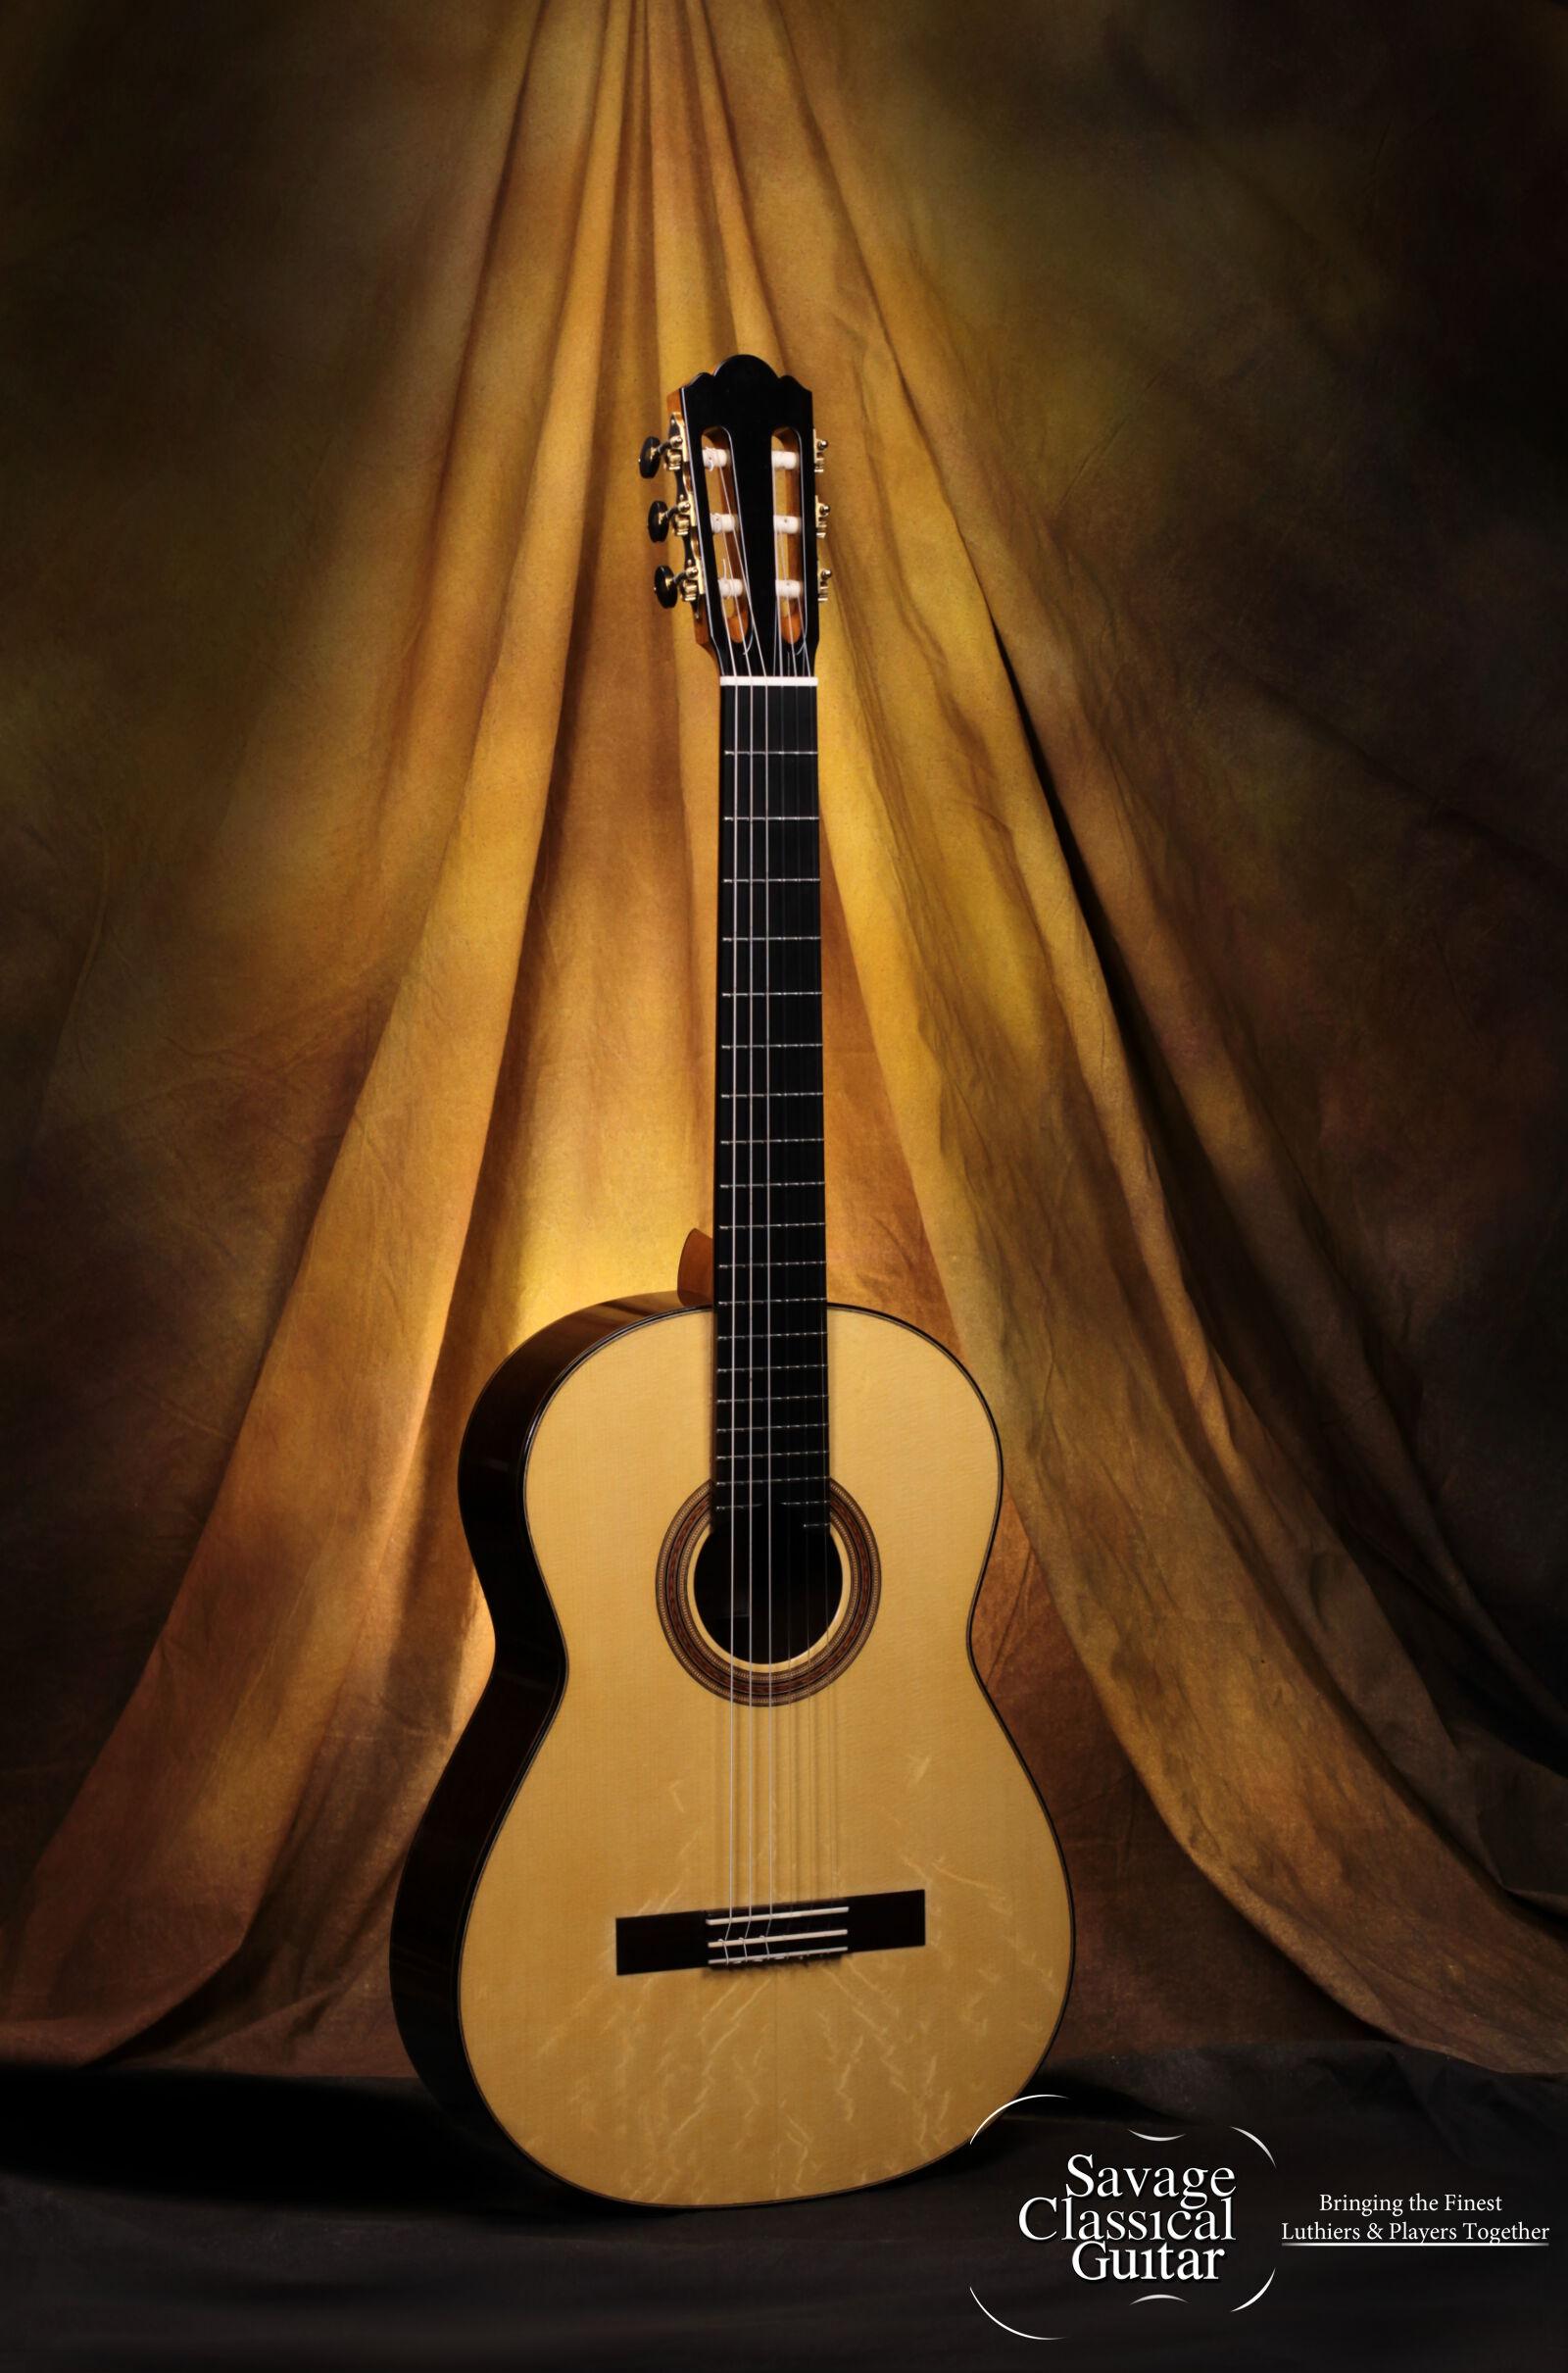 как гитара хорошие картинки что тнв будет